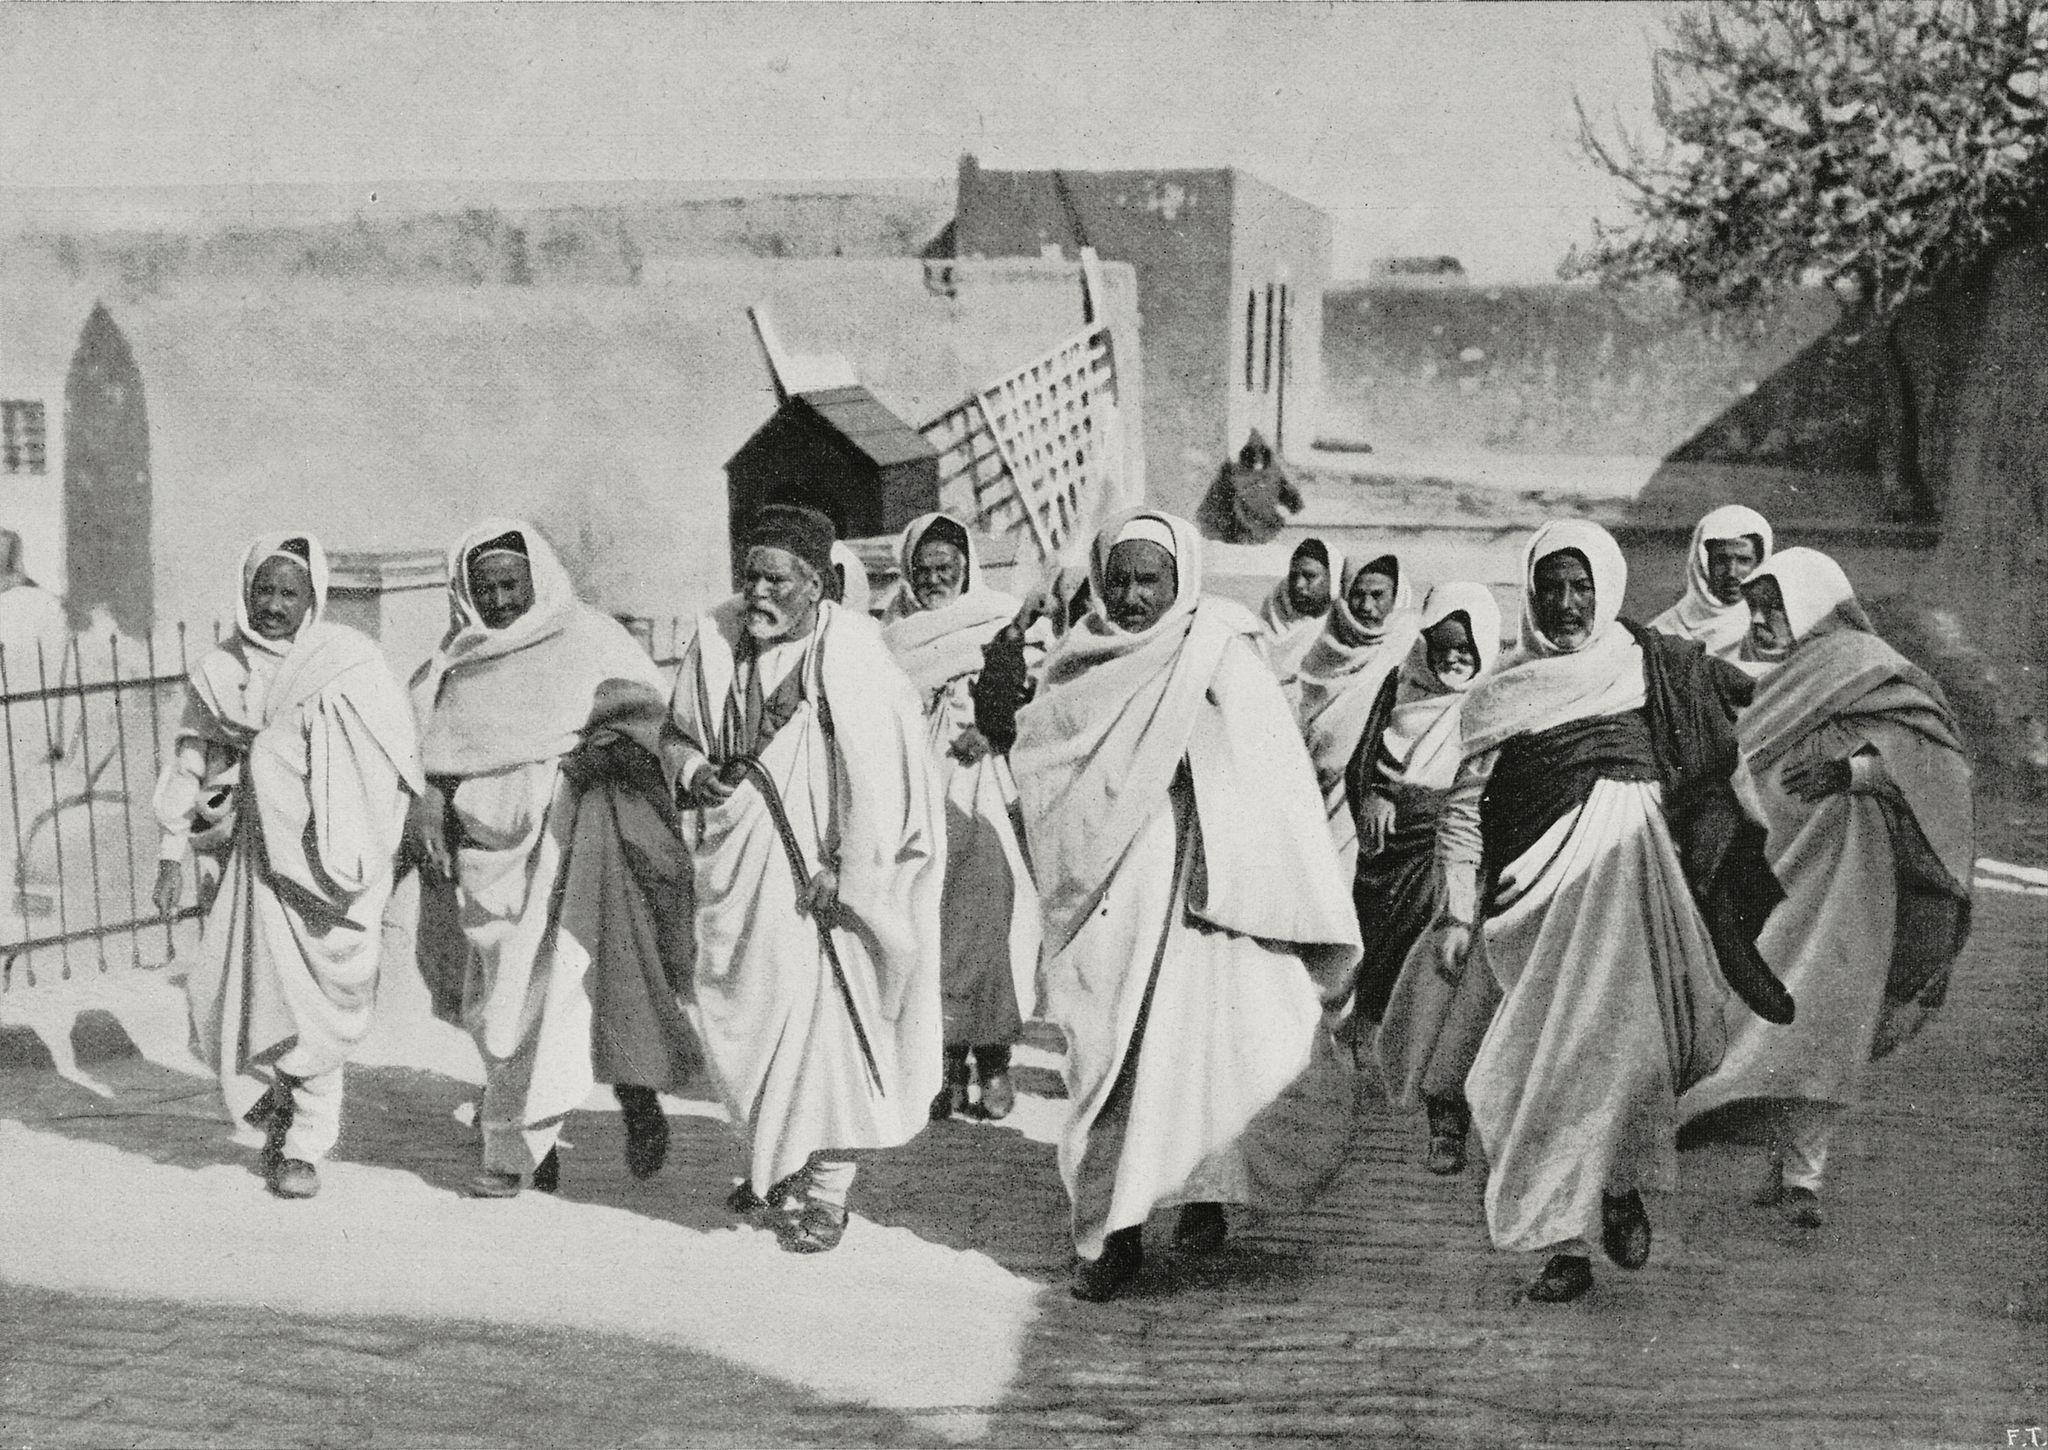 1912. Арабская знать идёт в замок, чтобы поздравить губернатора с Новым годом во время итало-турецкой войны, Триполи, Ливия.jpg